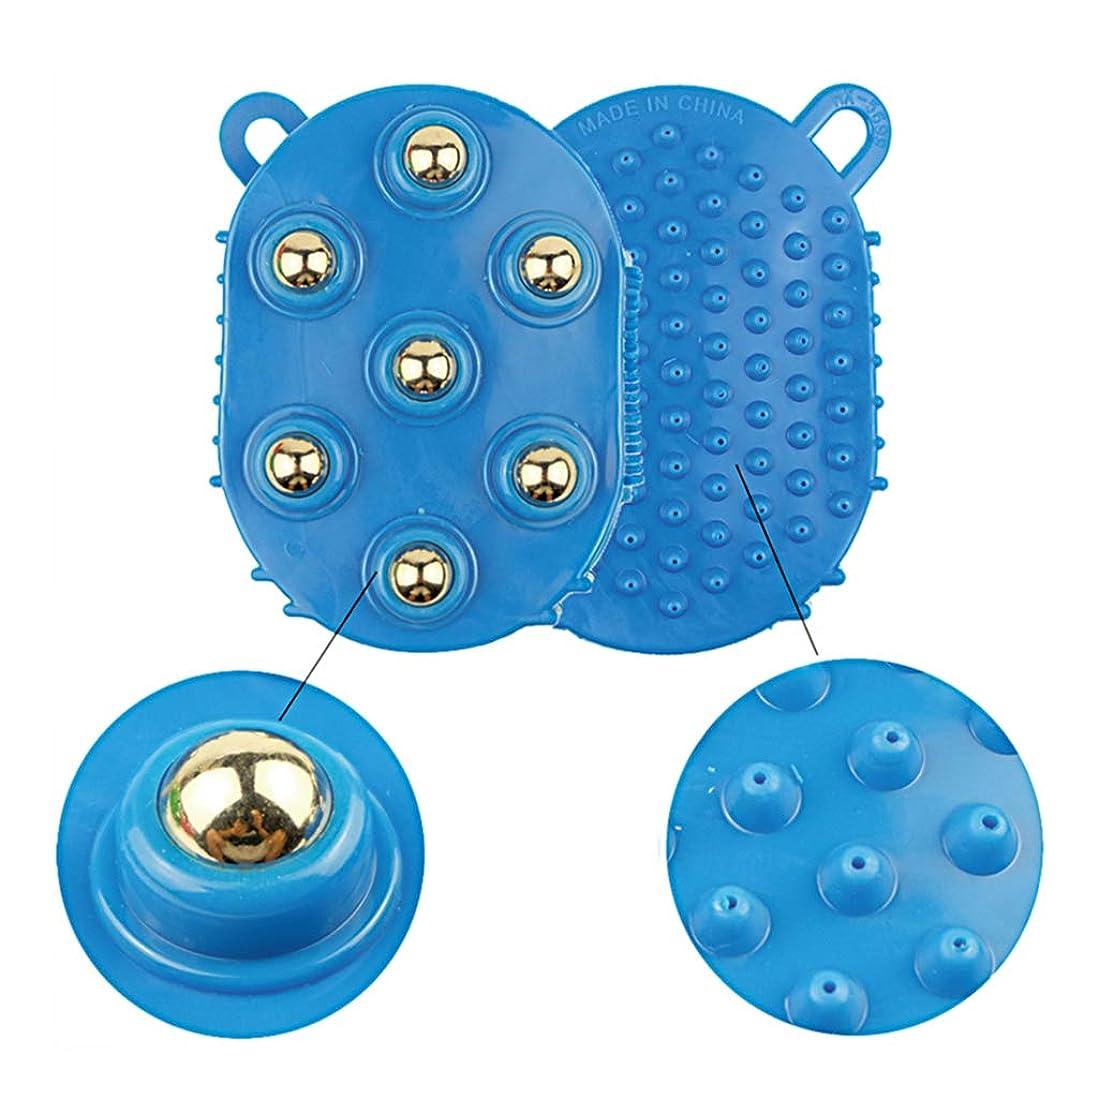 どうしたのクレーター社会科360度スピン7ピーススチールボールローラー痩身ボディマッサージブラシバスで洗うディープティッシュマッサージボールスパイク付き(1パック),Blue